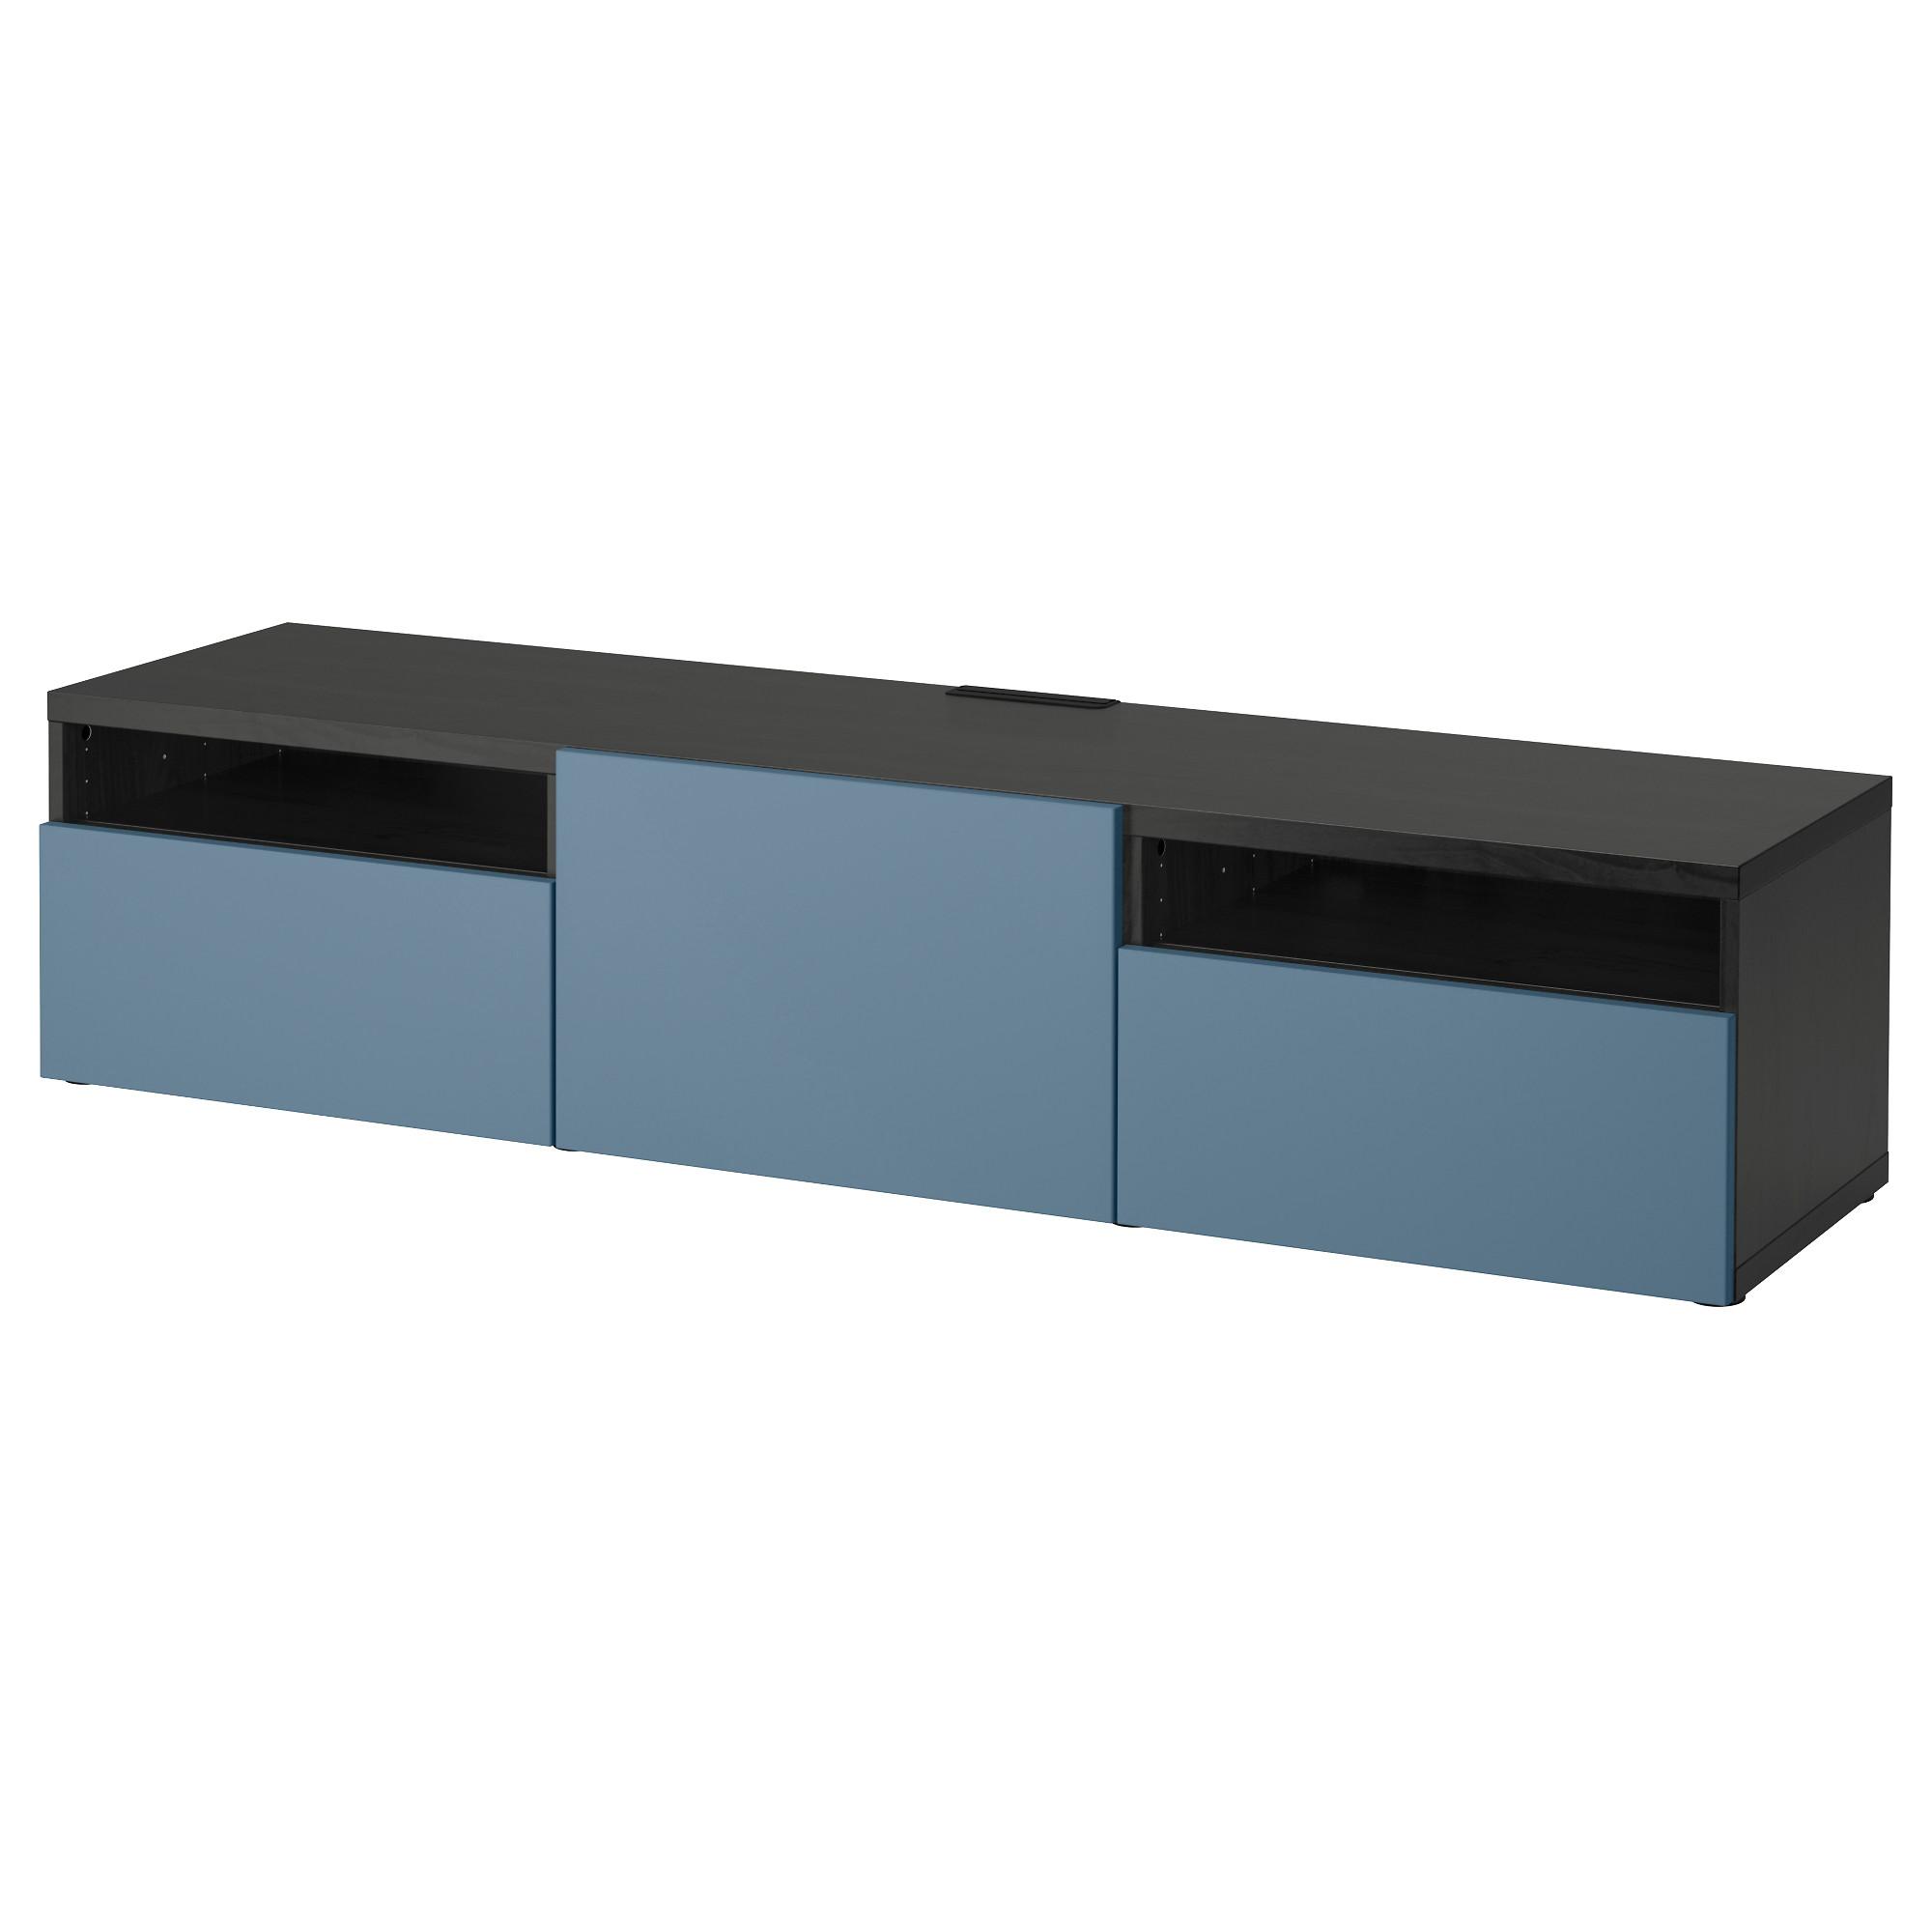 Тумба для ТВ с ящиками БЕСТО темно-синий артикуль № 892.503.83 в наличии. Онлайн каталог IKEA Республика Беларусь. Недорогая доставка и соборка.